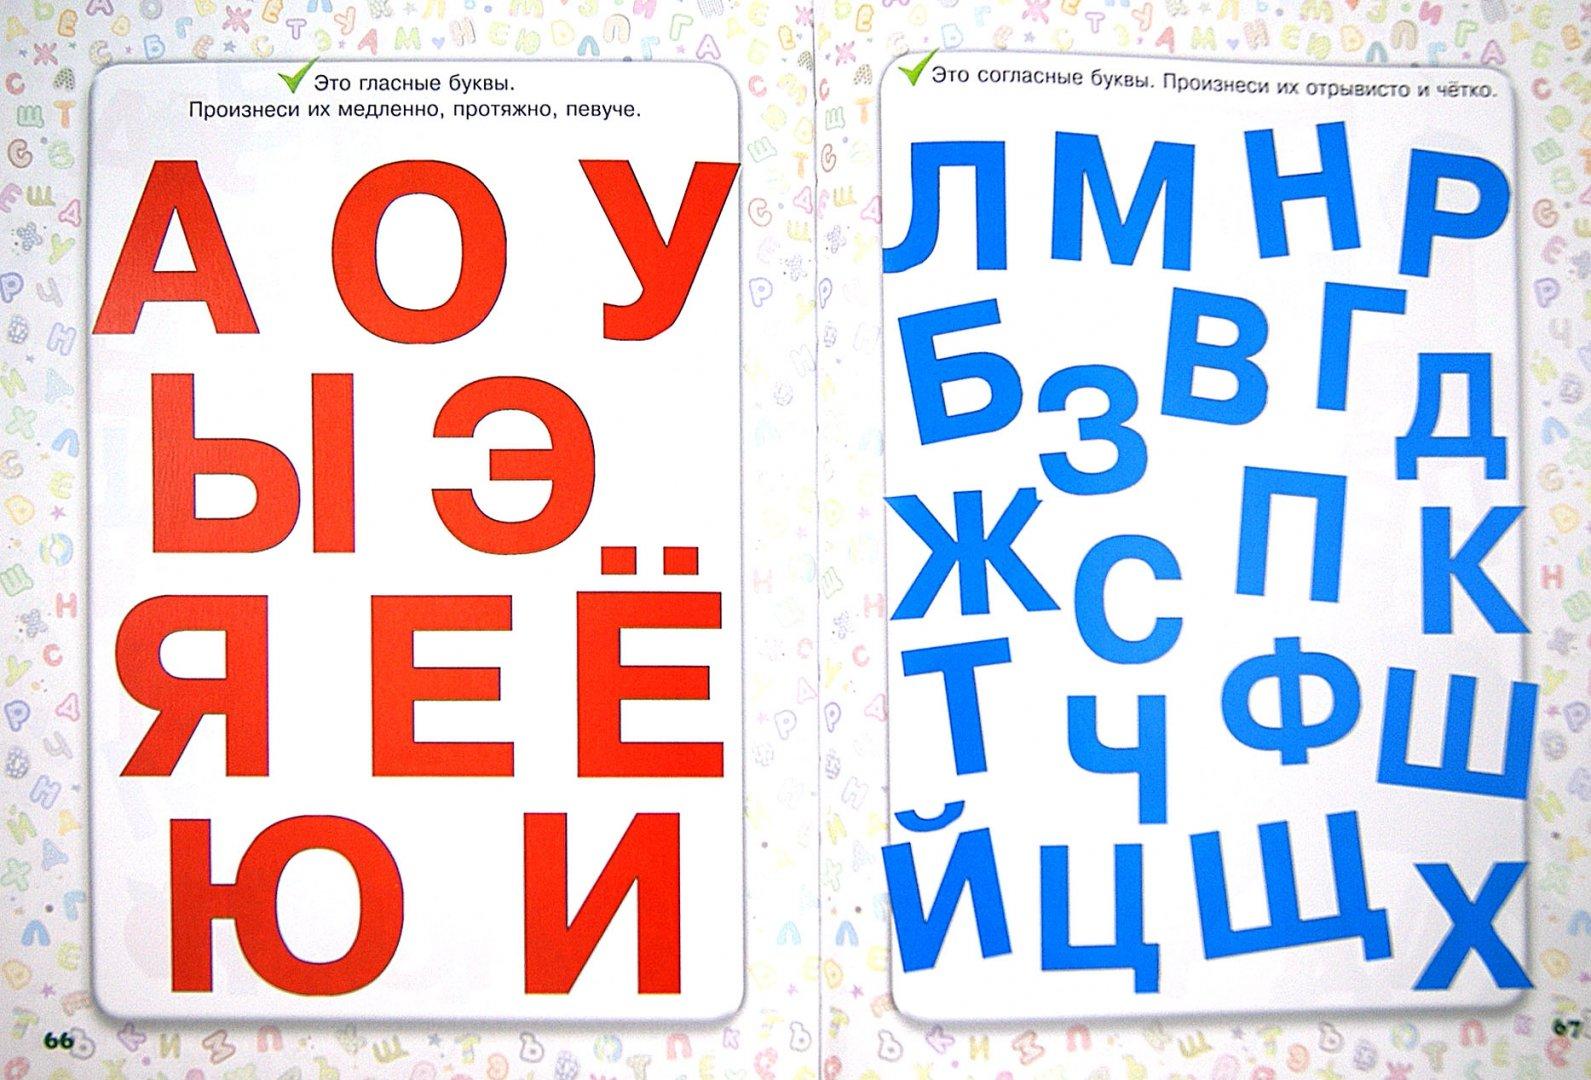 Иллюстрация 1 из 23 для Учимся читать. Для 3-5 лет - Гаврина, Топоркова, Щербинина, Кутявина | Лабиринт - книги. Источник: Лабиринт